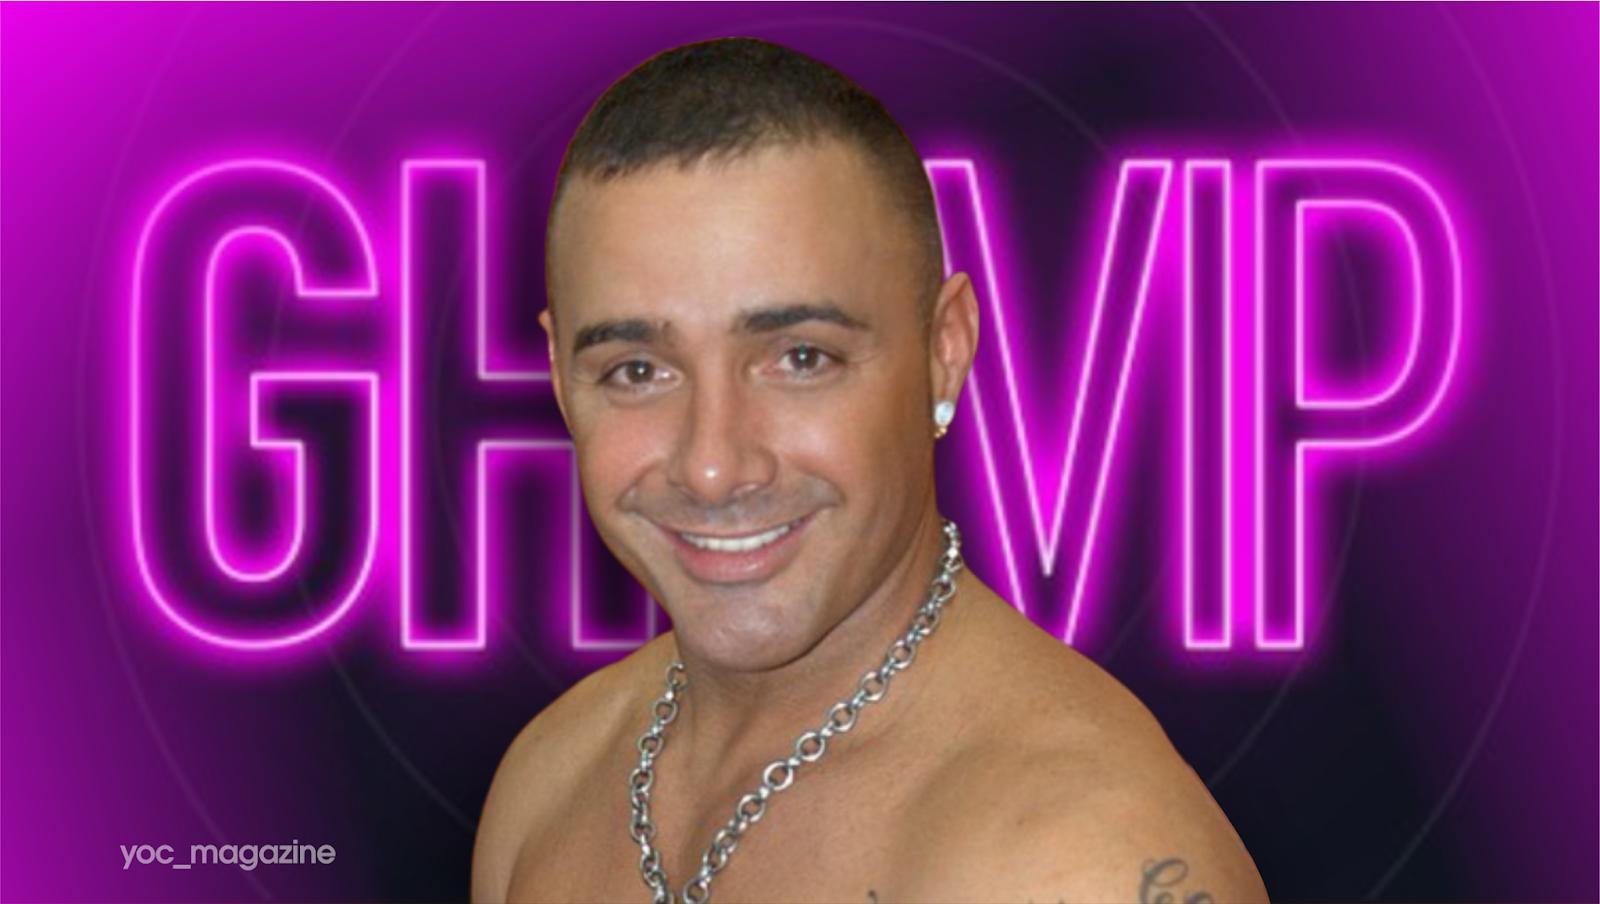 Peliculas porno dinio garcia Confirmado Dinio Garcia Ex De Marujita Diaz Y Actor De Cine Para Adultos Nuevo Concursante De Gh Vip 7 Extra Vip